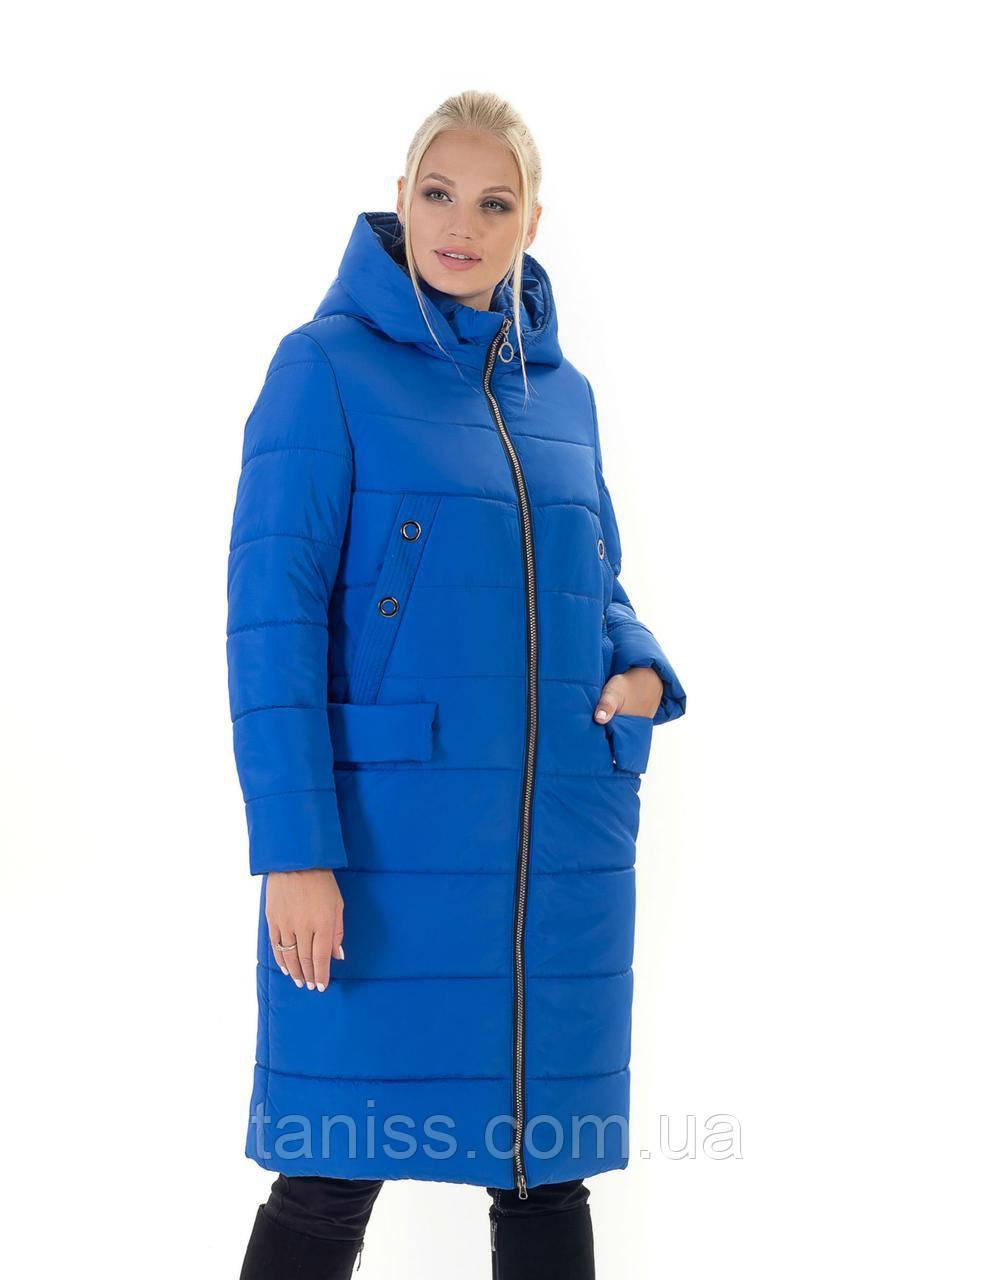 Зимний, женский пуховик большого размера, без меха, капюшон съемный.размеры 44-60,электрик (133-1)